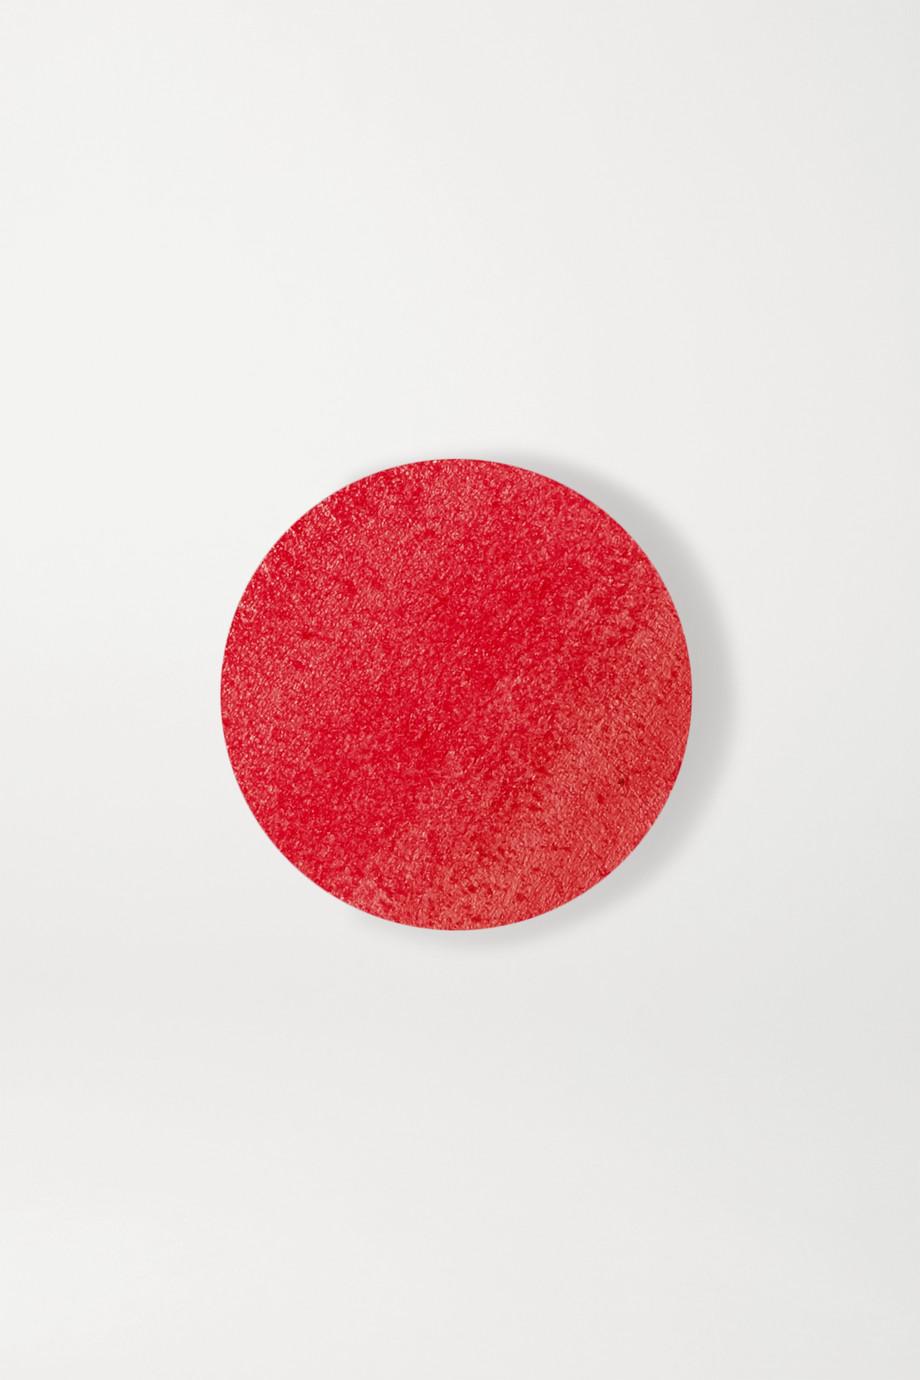 La Bouche Rouge Matte Lipstick Refill - Rouge Vendôme